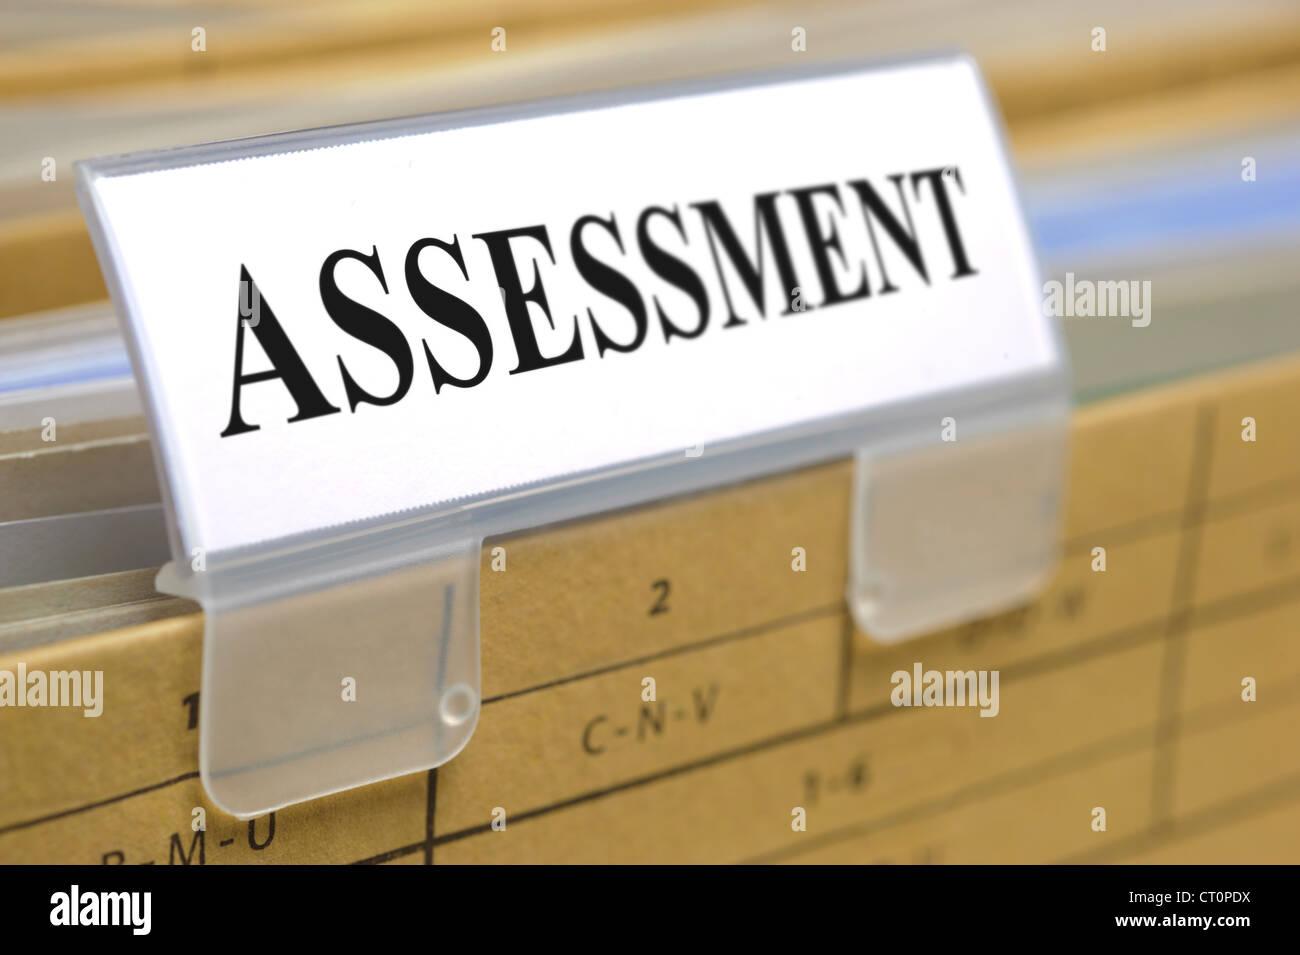 Dossier de fichiers marqués d'évaluation environnementale Photo Stock